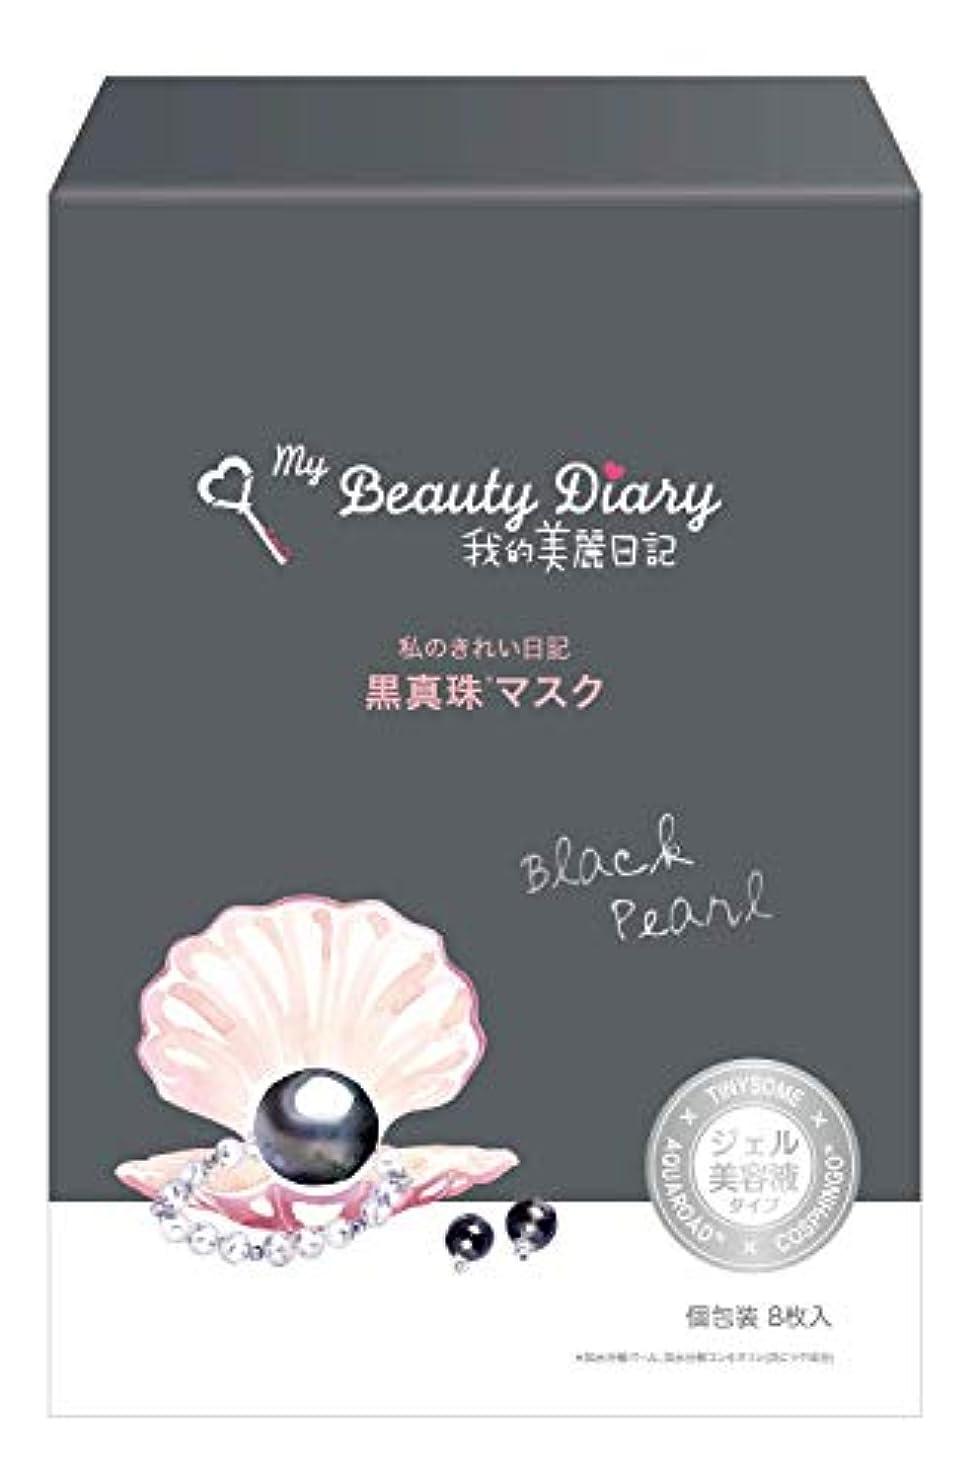 決定する粒子対象我的美麗日記-私のきれい日記- 黒真珠マスク 8枚入